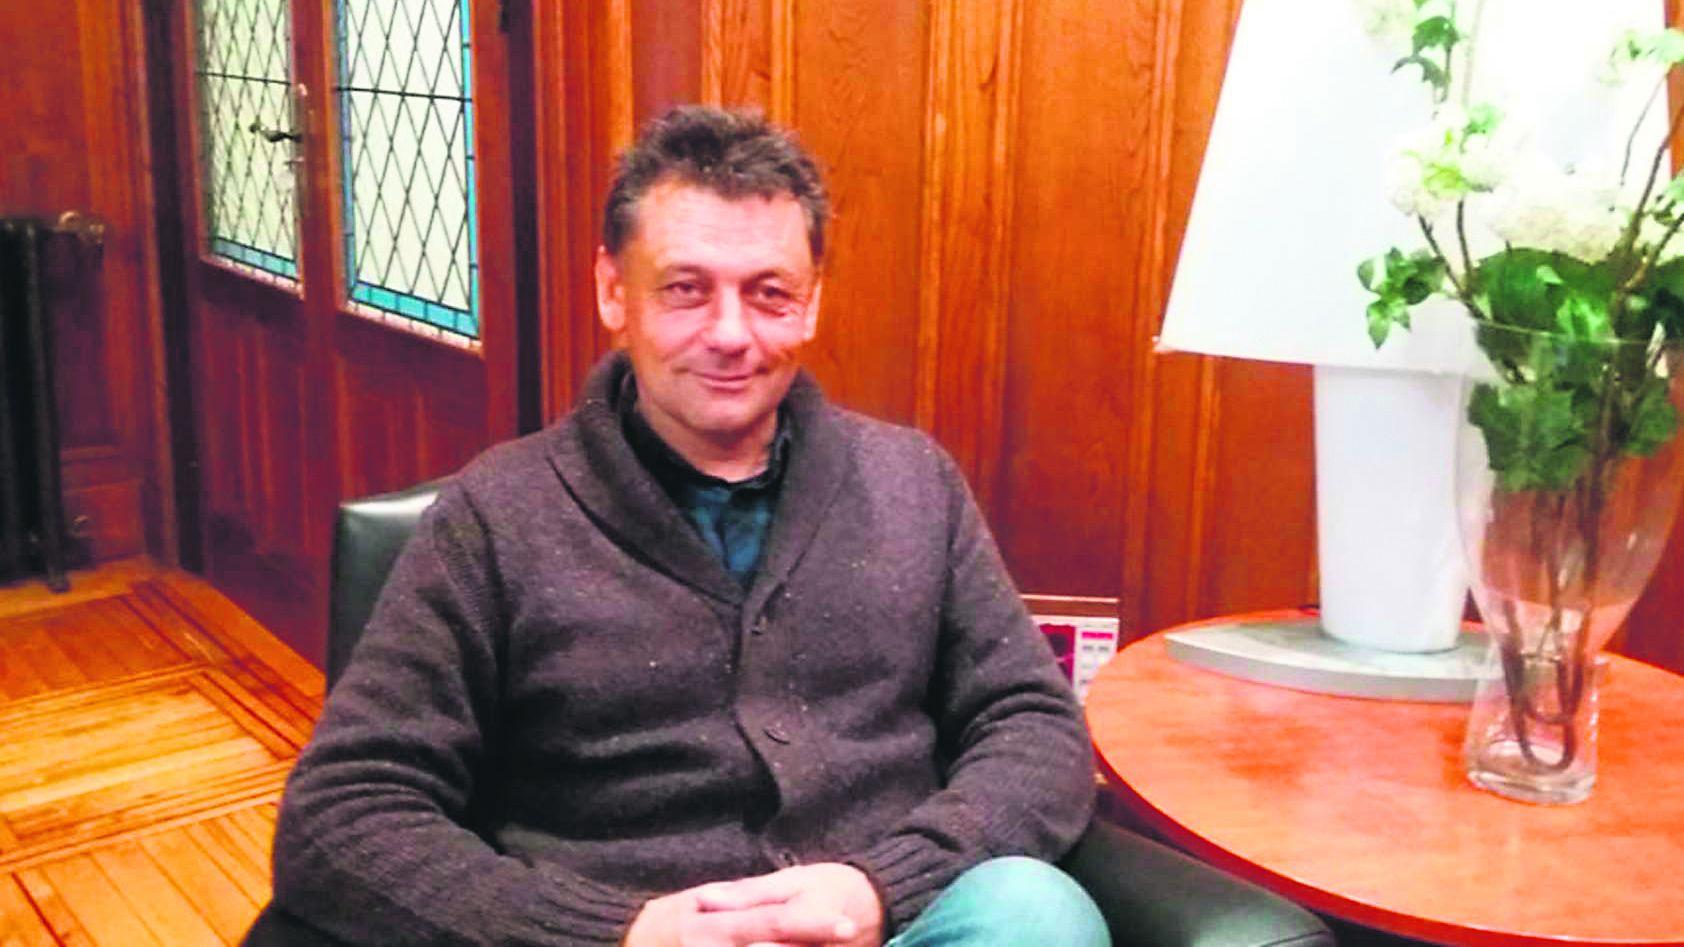 EN DIRECTO: primer positivo por coronavirus en Galicia. La consellería informa de todos los detalles.Javier Ardines, en su despacho, en la foto de la página web del Ayuntamiento de Llanes, que aún conserva su texto de presentación en primera persona